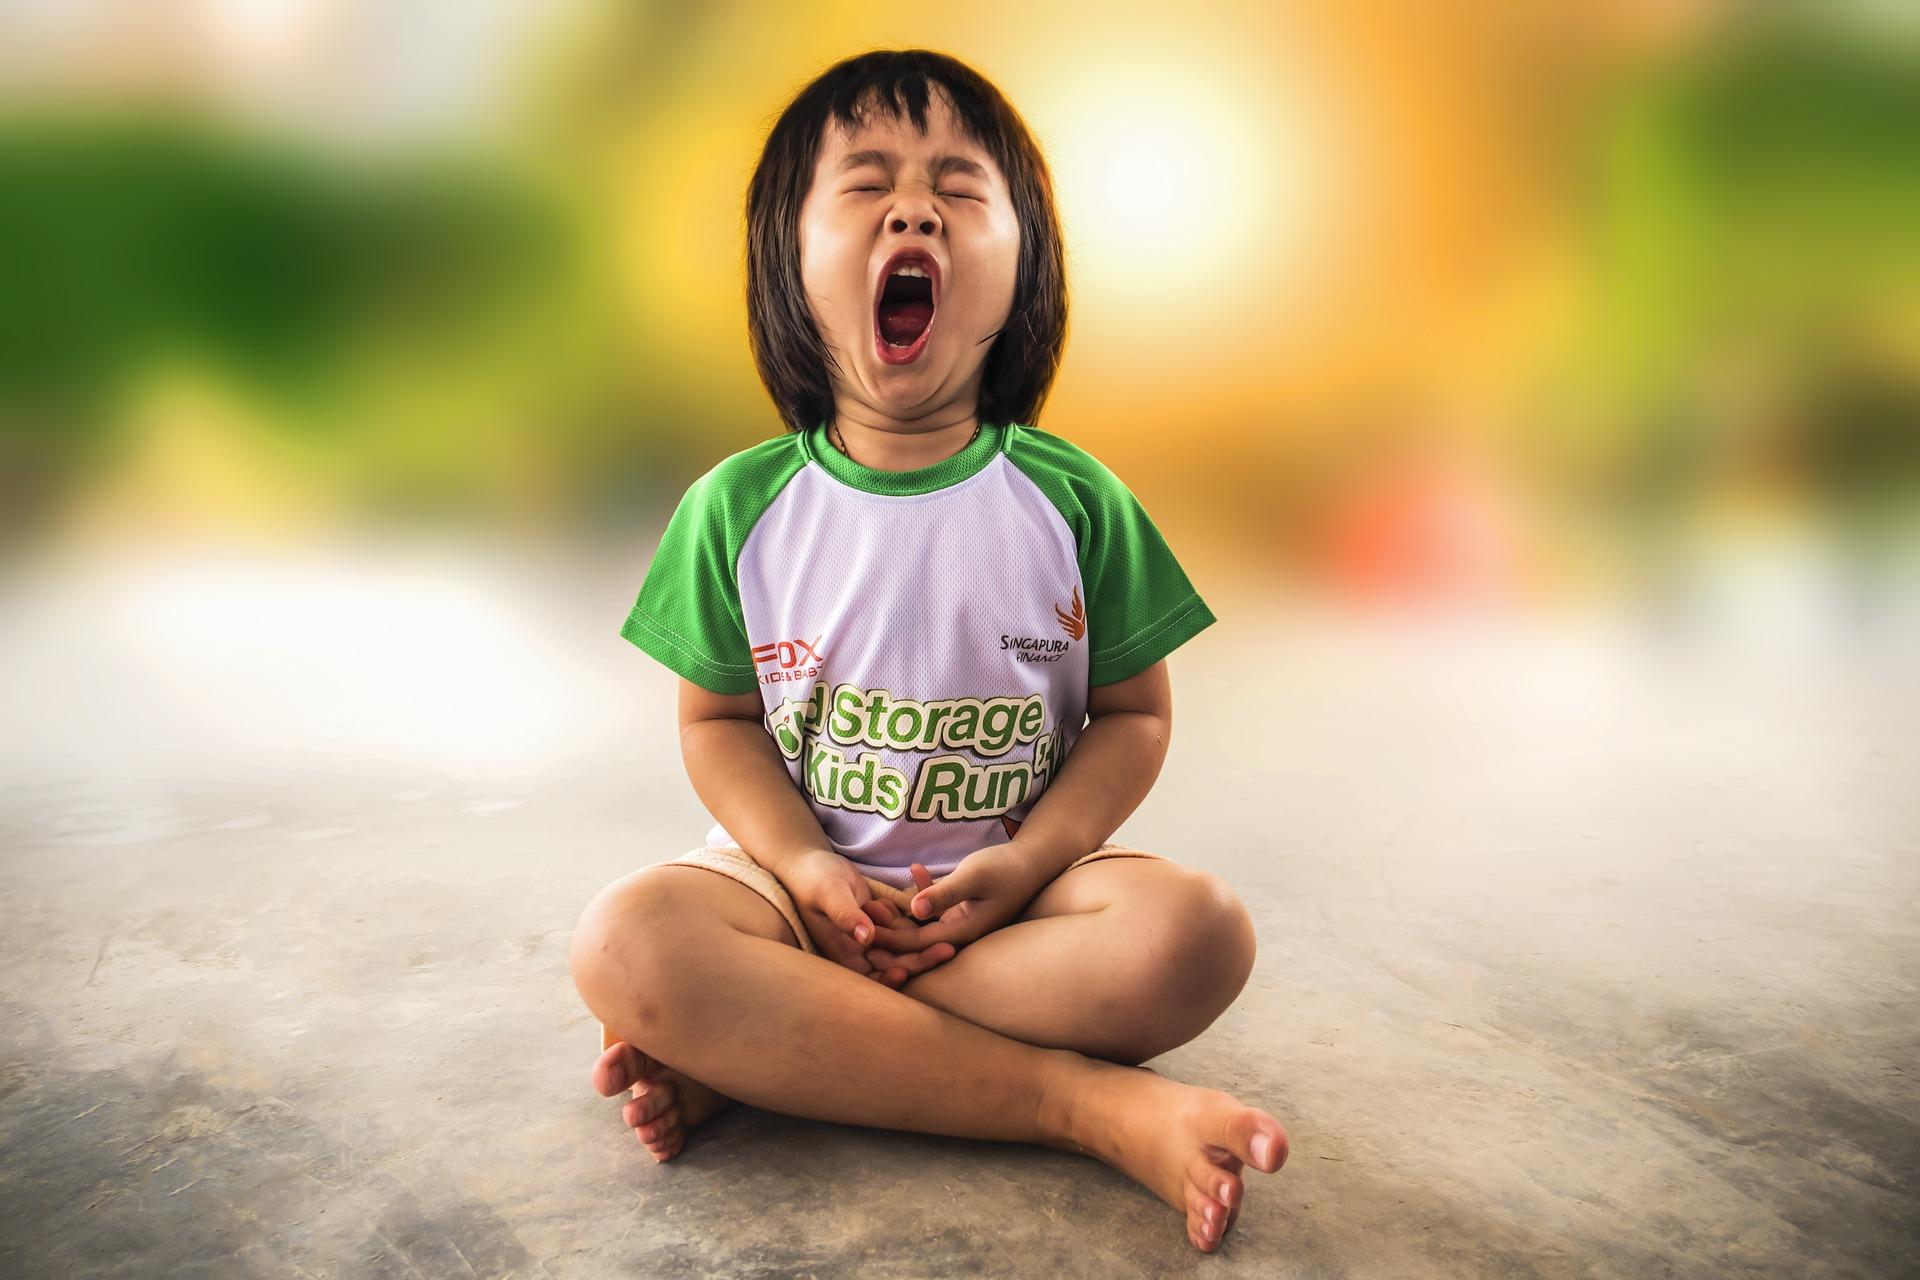 Bâiller pour éviter la surchauffe : pouvoirs corps humain